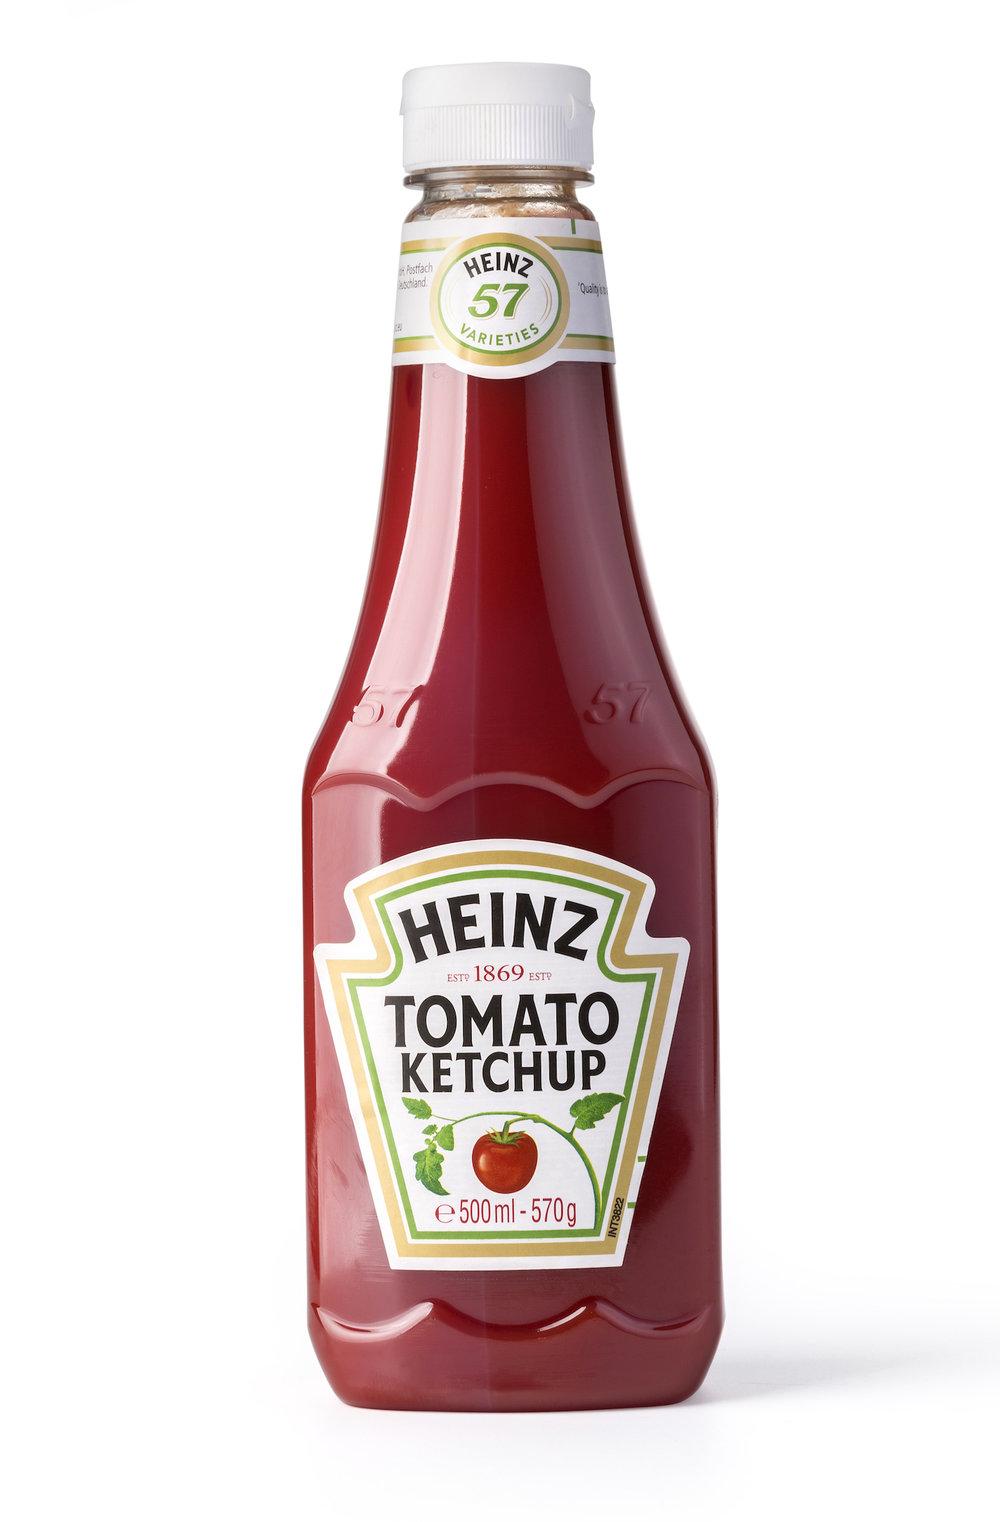 ketchup.jpg